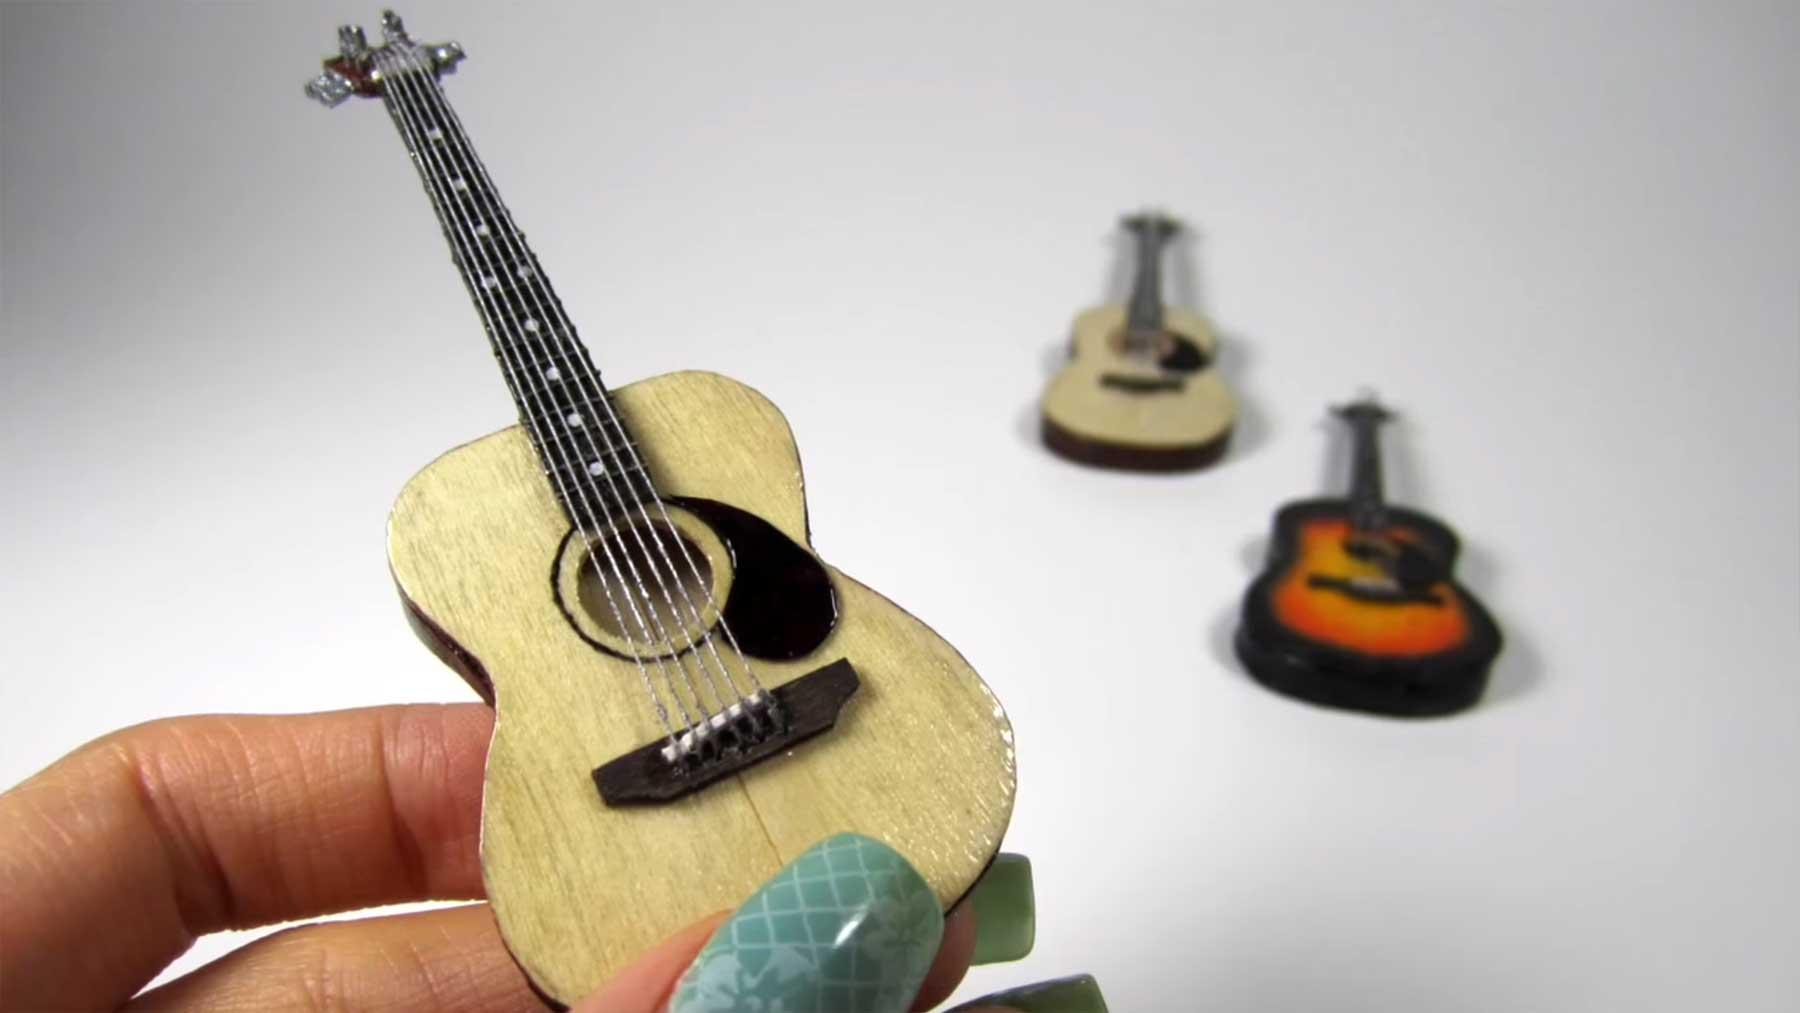 Miniatur-Gitarren aus Eis am Stiel-Stielen basteln miniaturgitarren-aus-holzstaeben